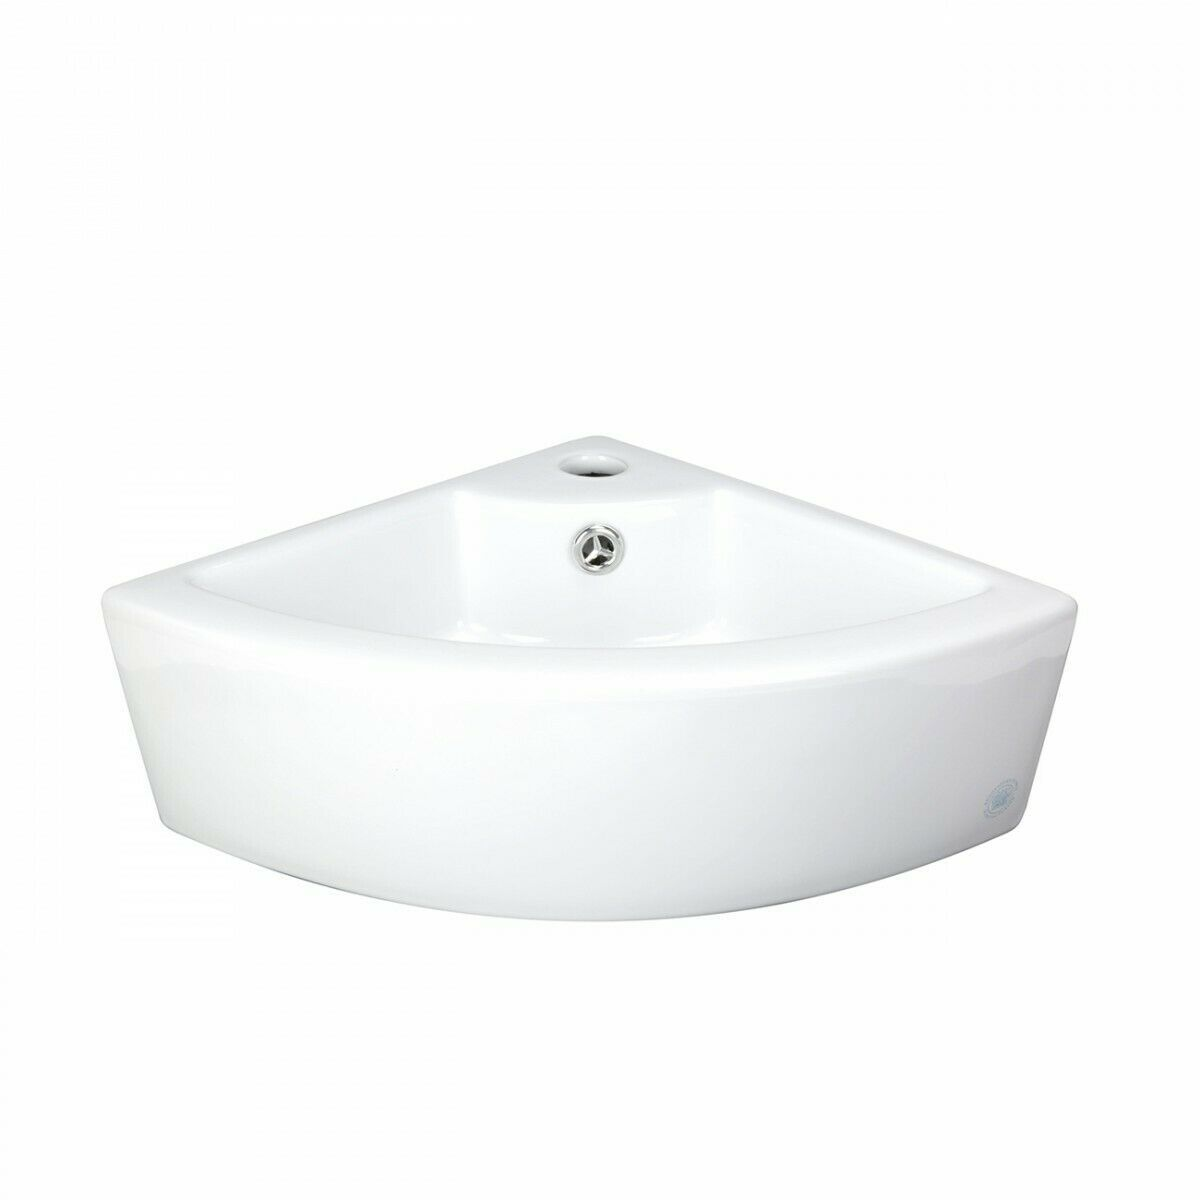 Bathroom Triangle Small White Corner Vessel Sink Above Counter